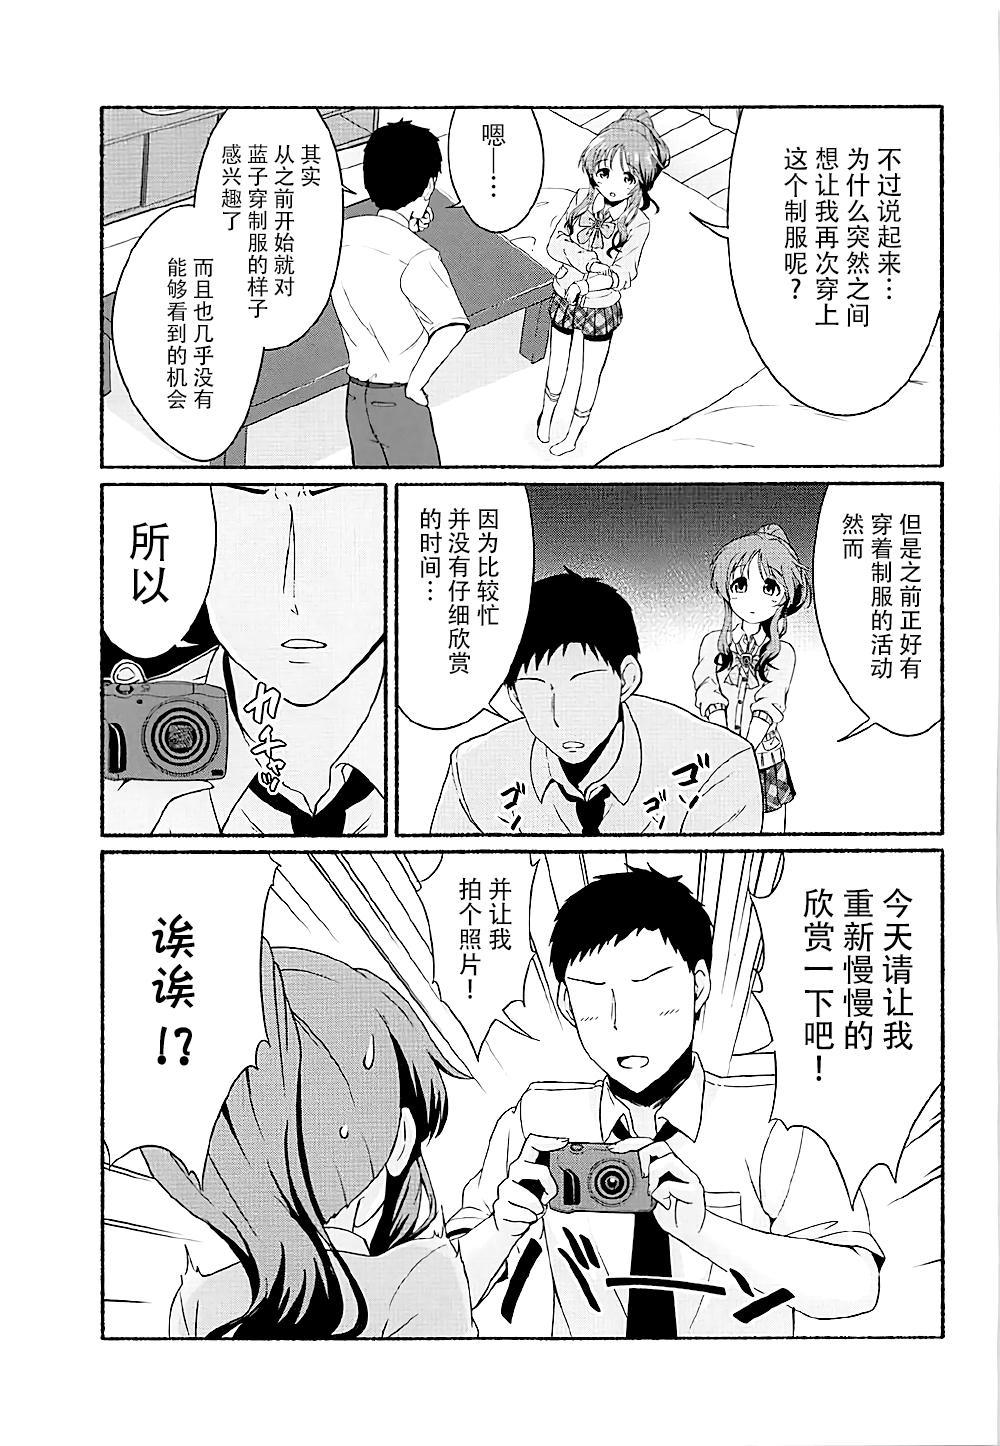 Aiko Myu Endless 5   蓝子美结的永无止境5 4